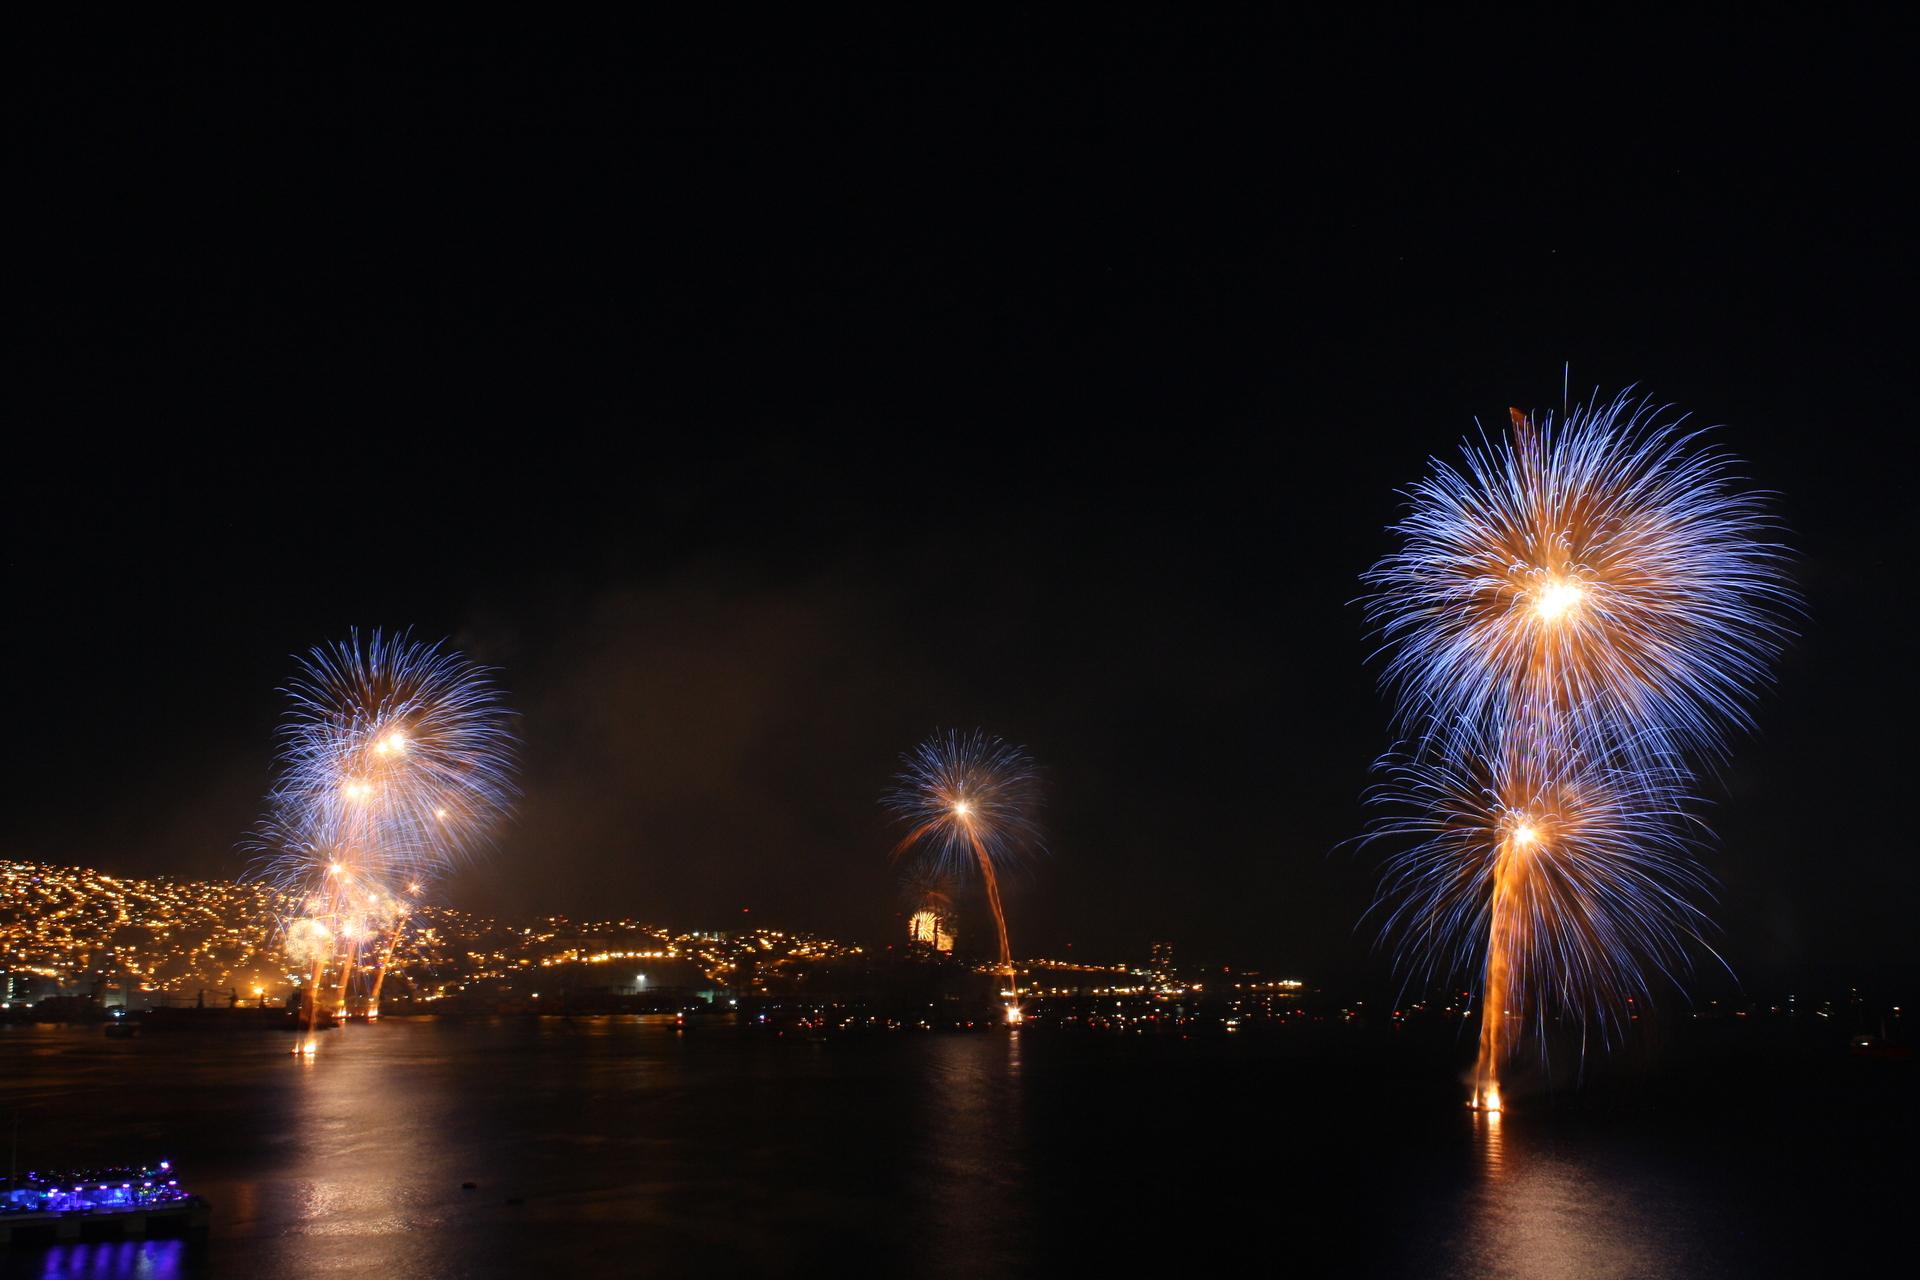 lizbona-portugalia-nowy-rok-2016-2017-sylwester-weekend-zwiedzanie-program-opis-koncerty-przewodnik-poradnik-lisboa-lisbon-lizbona-07